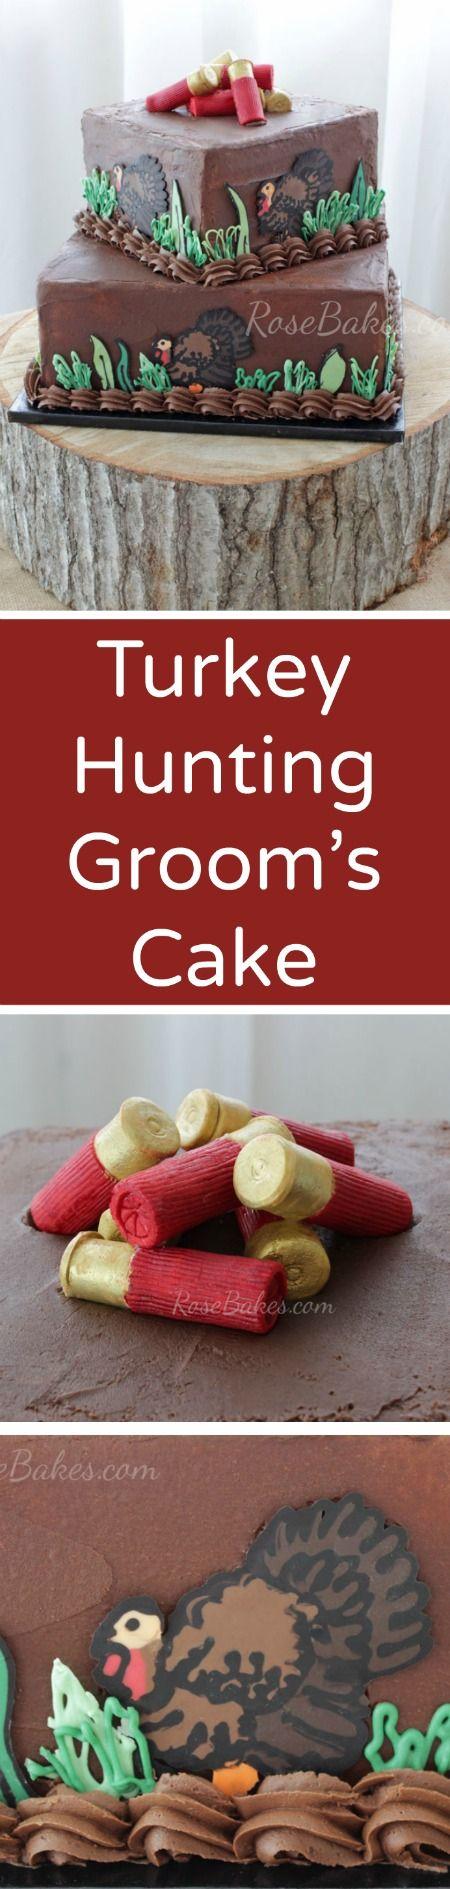 Turkey Hunters Groom's Cake